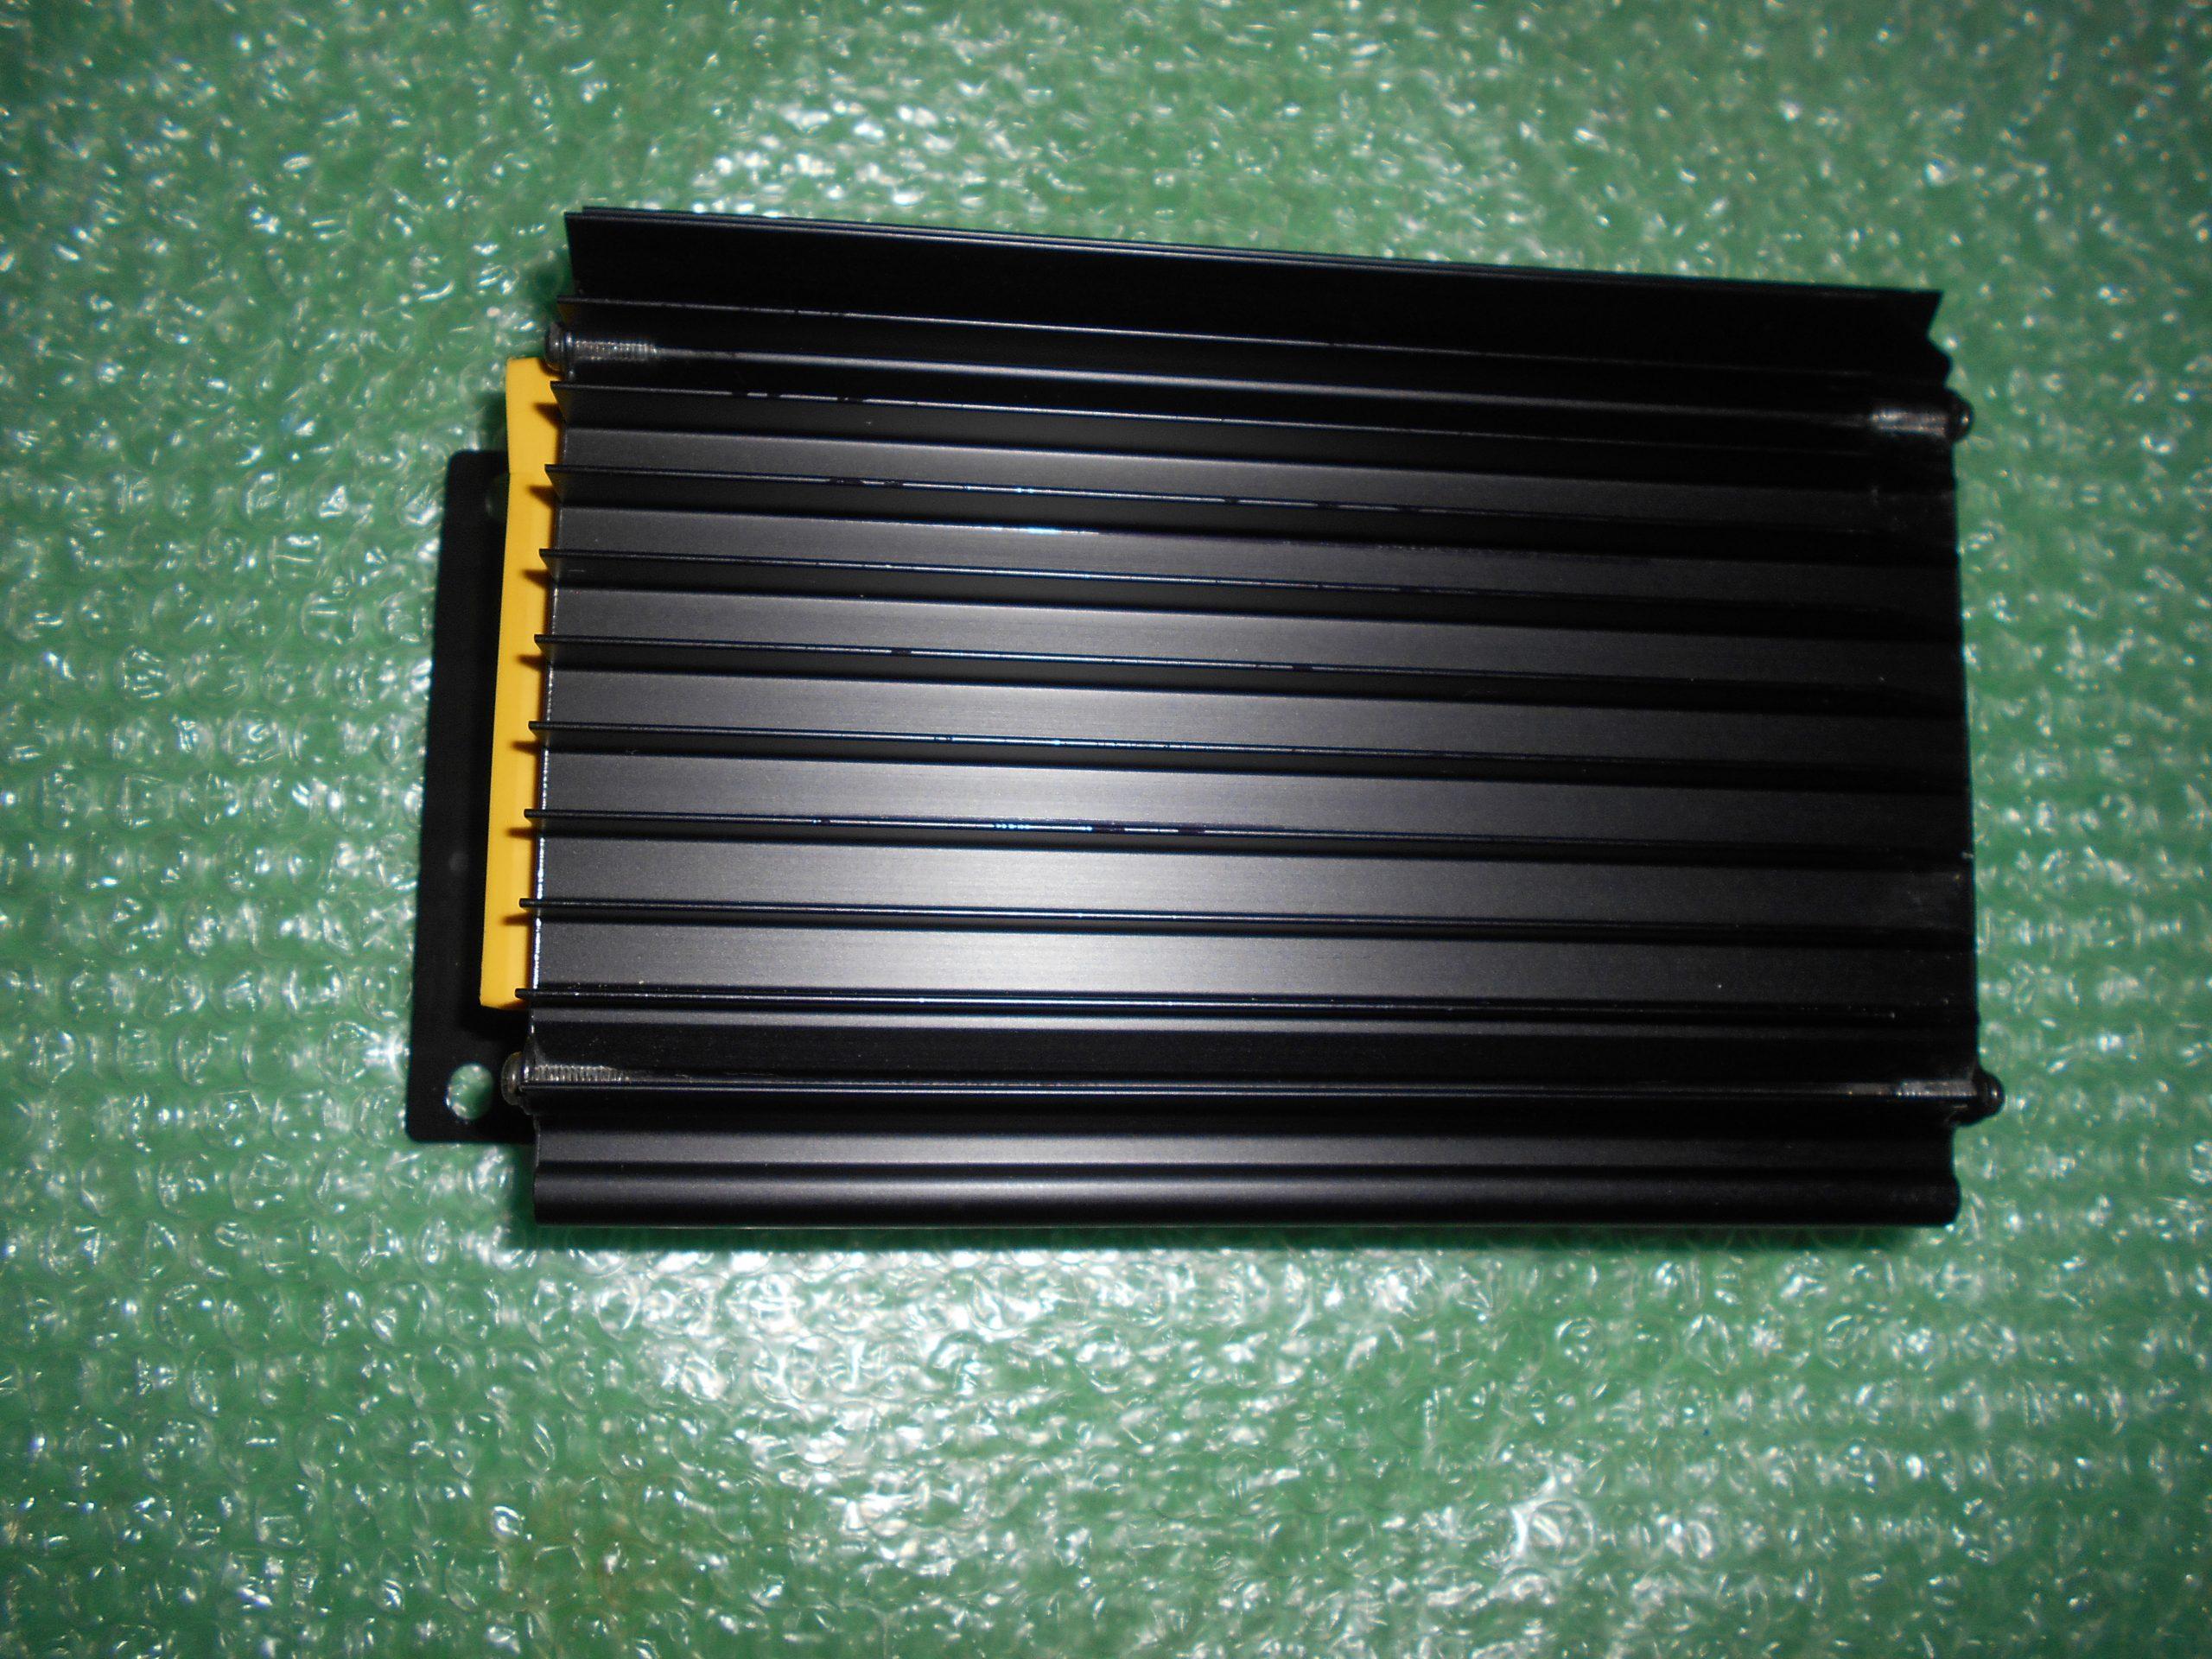 MODULO AMPLIFICADOR AUDIO 60677061 ALFA 156 (2001-2005)